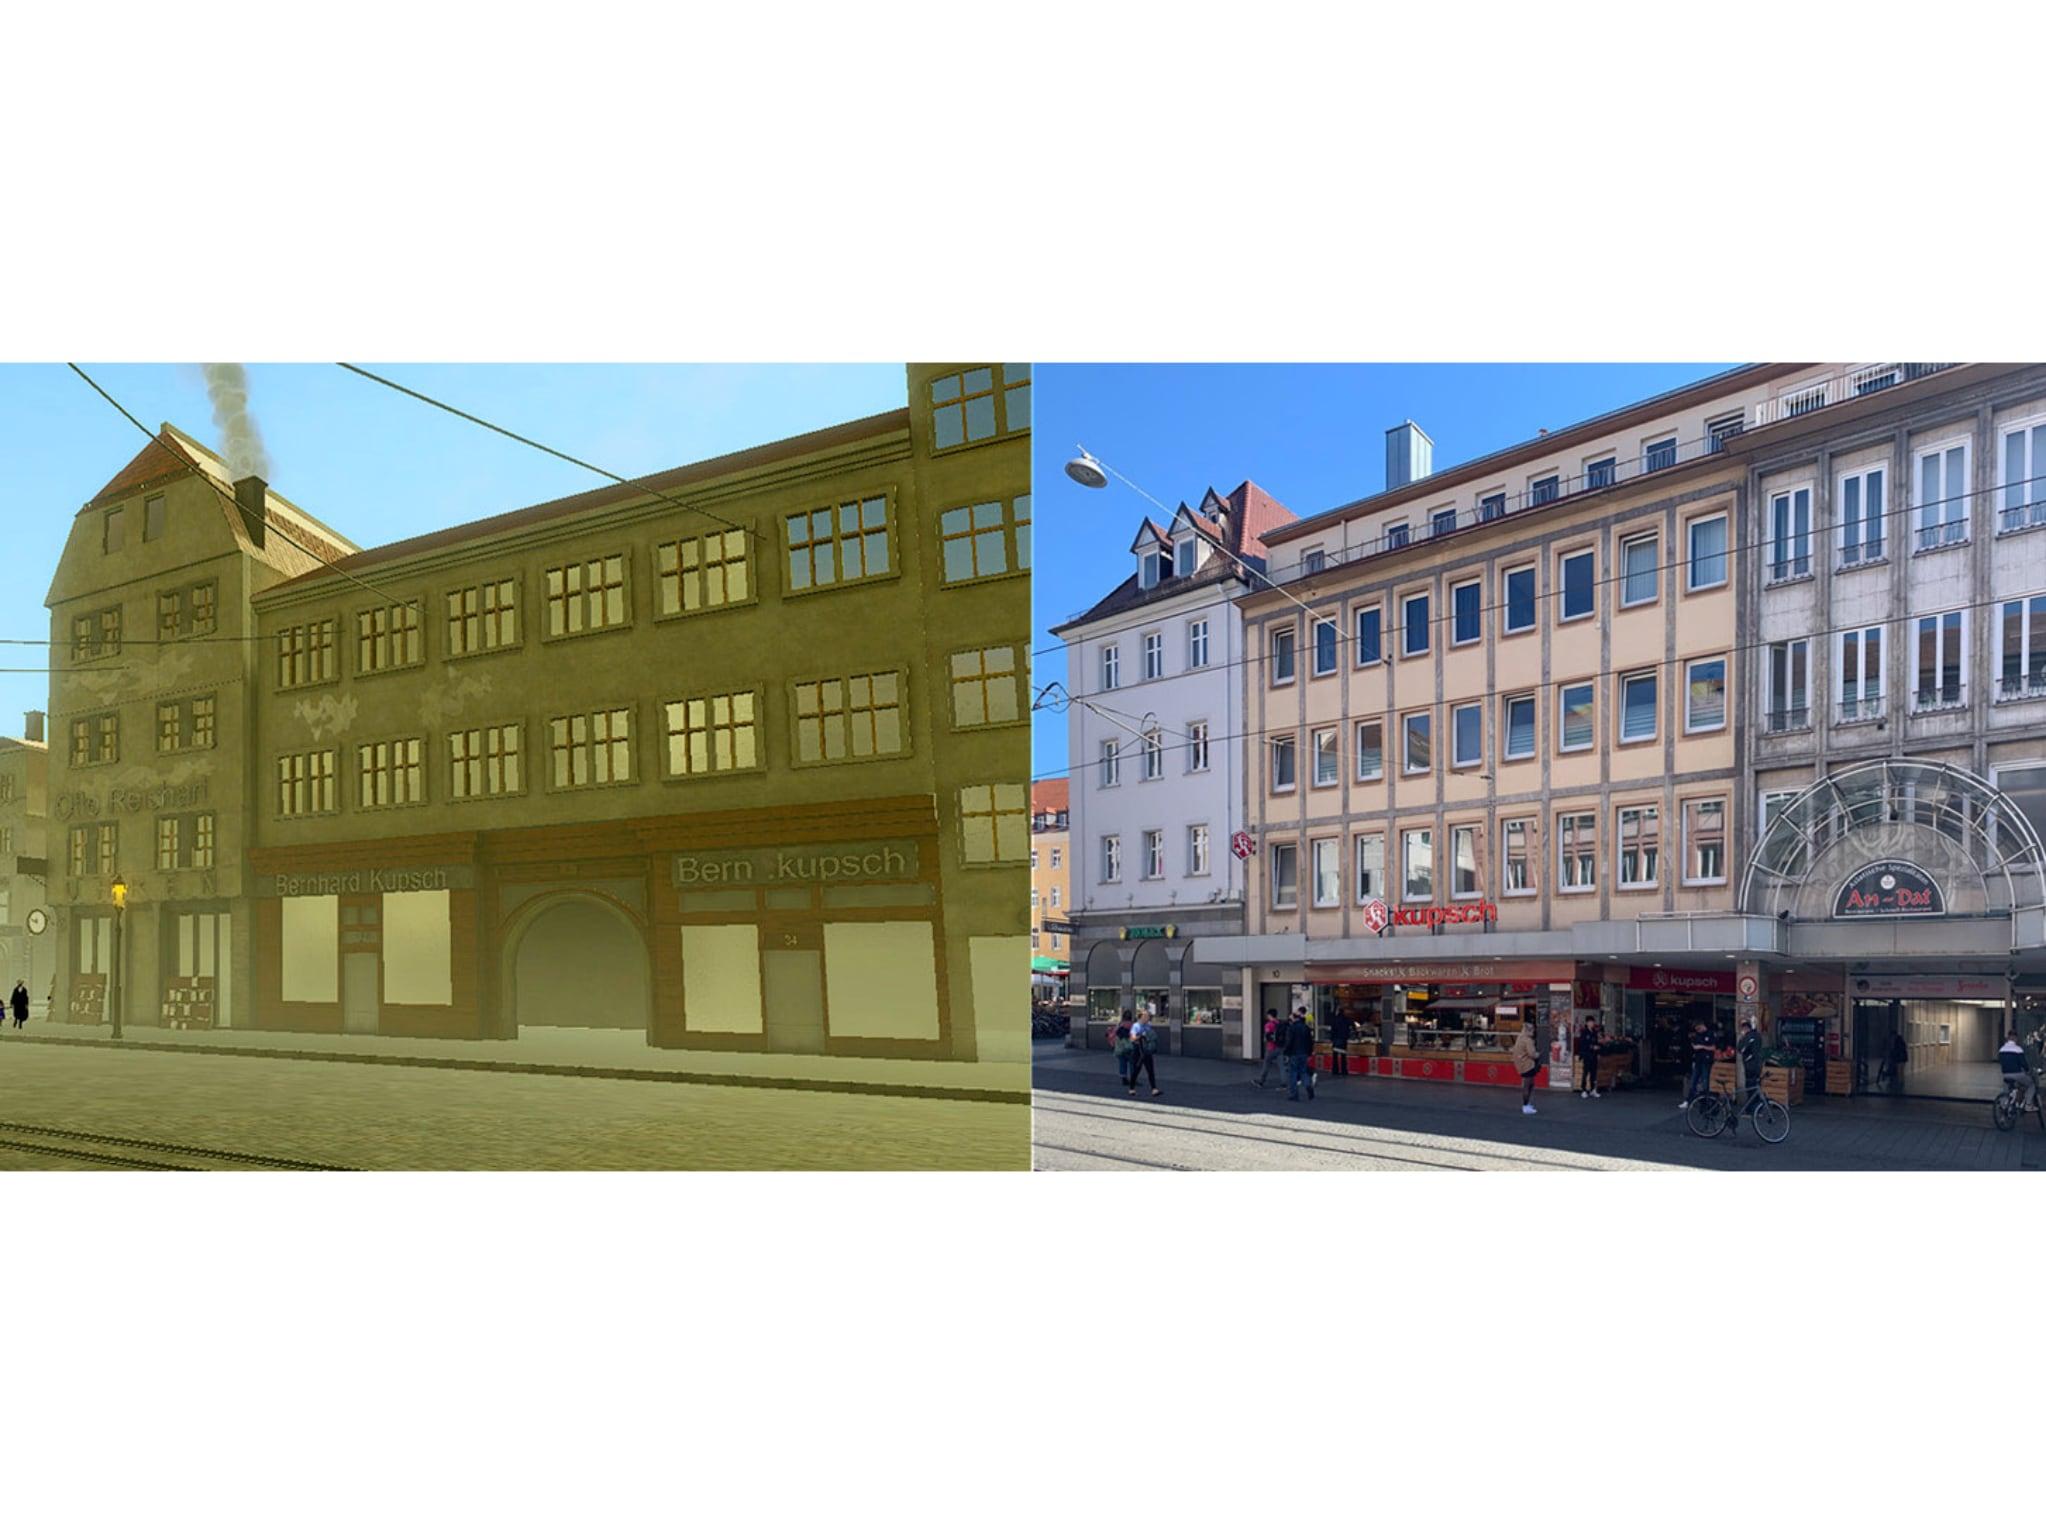 Der Vergleich eines Gebäudekomplexes in der Domstraße vor der Zerstörung und heute. Foto: Robert Schmidt